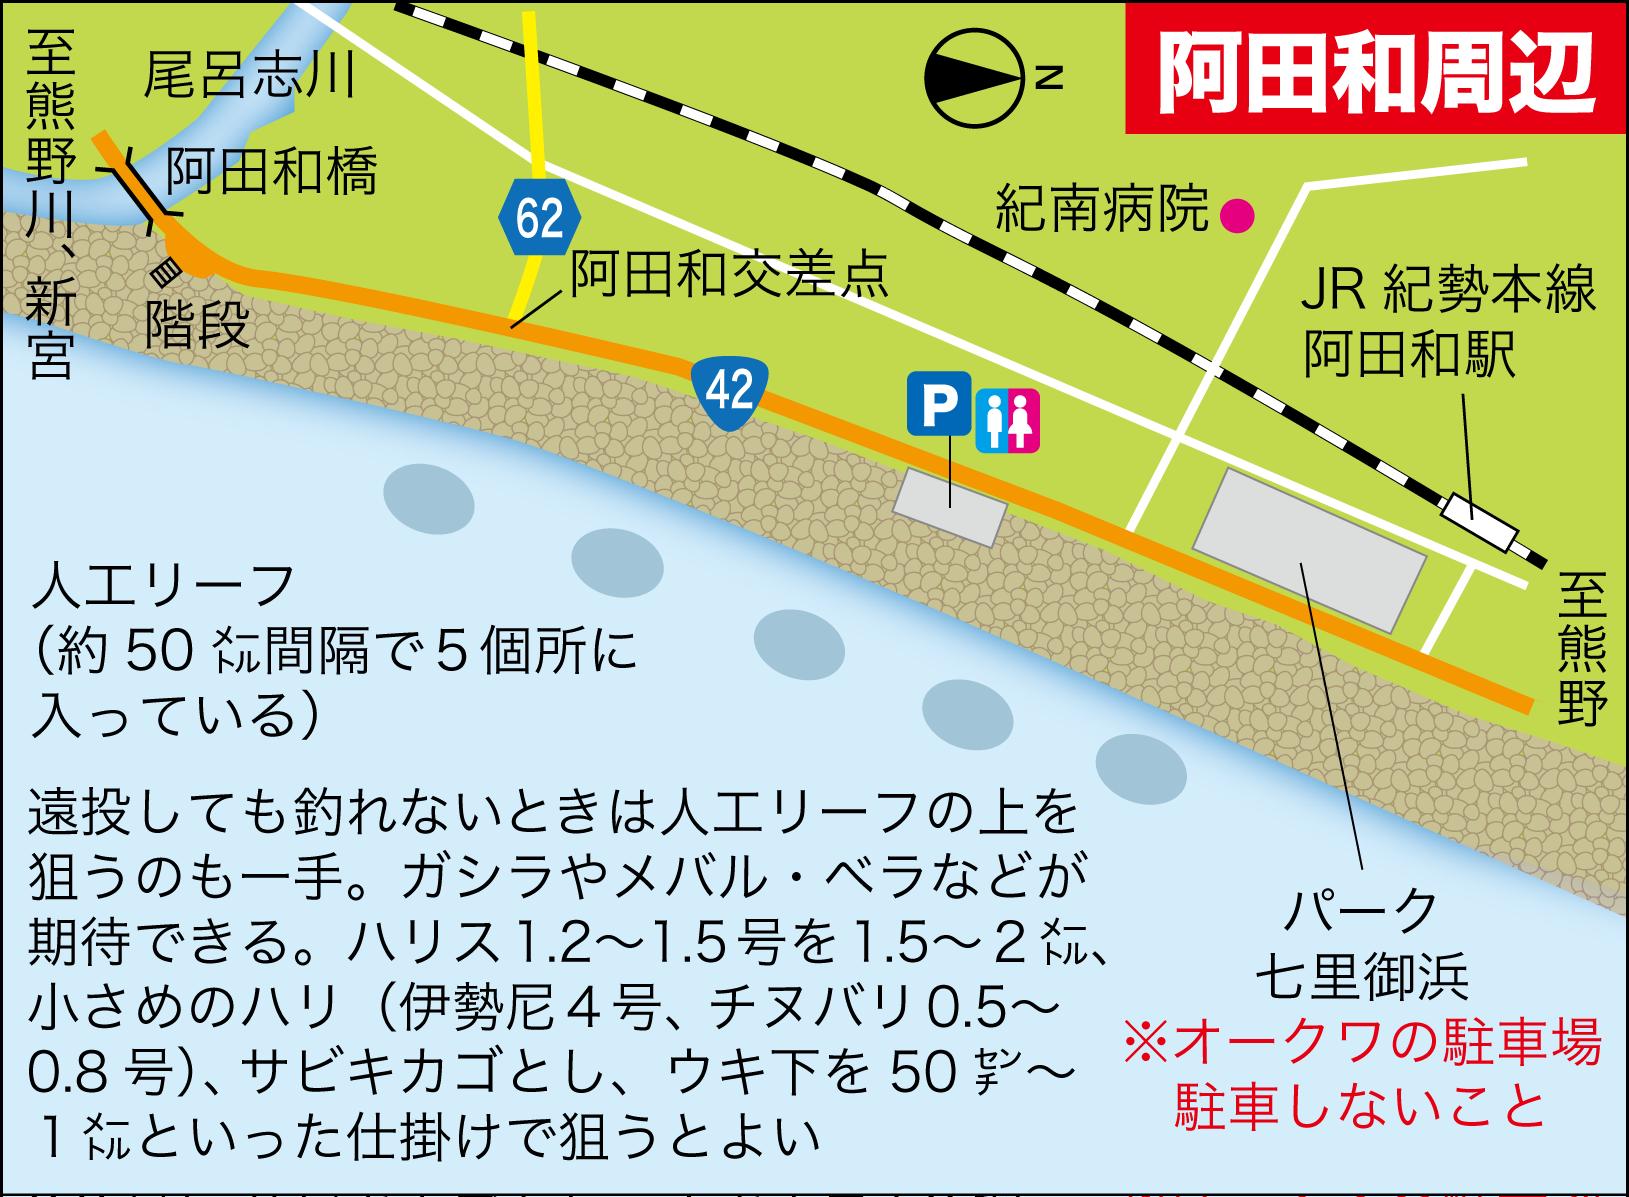 七里御浜カゴ釣りプラン1